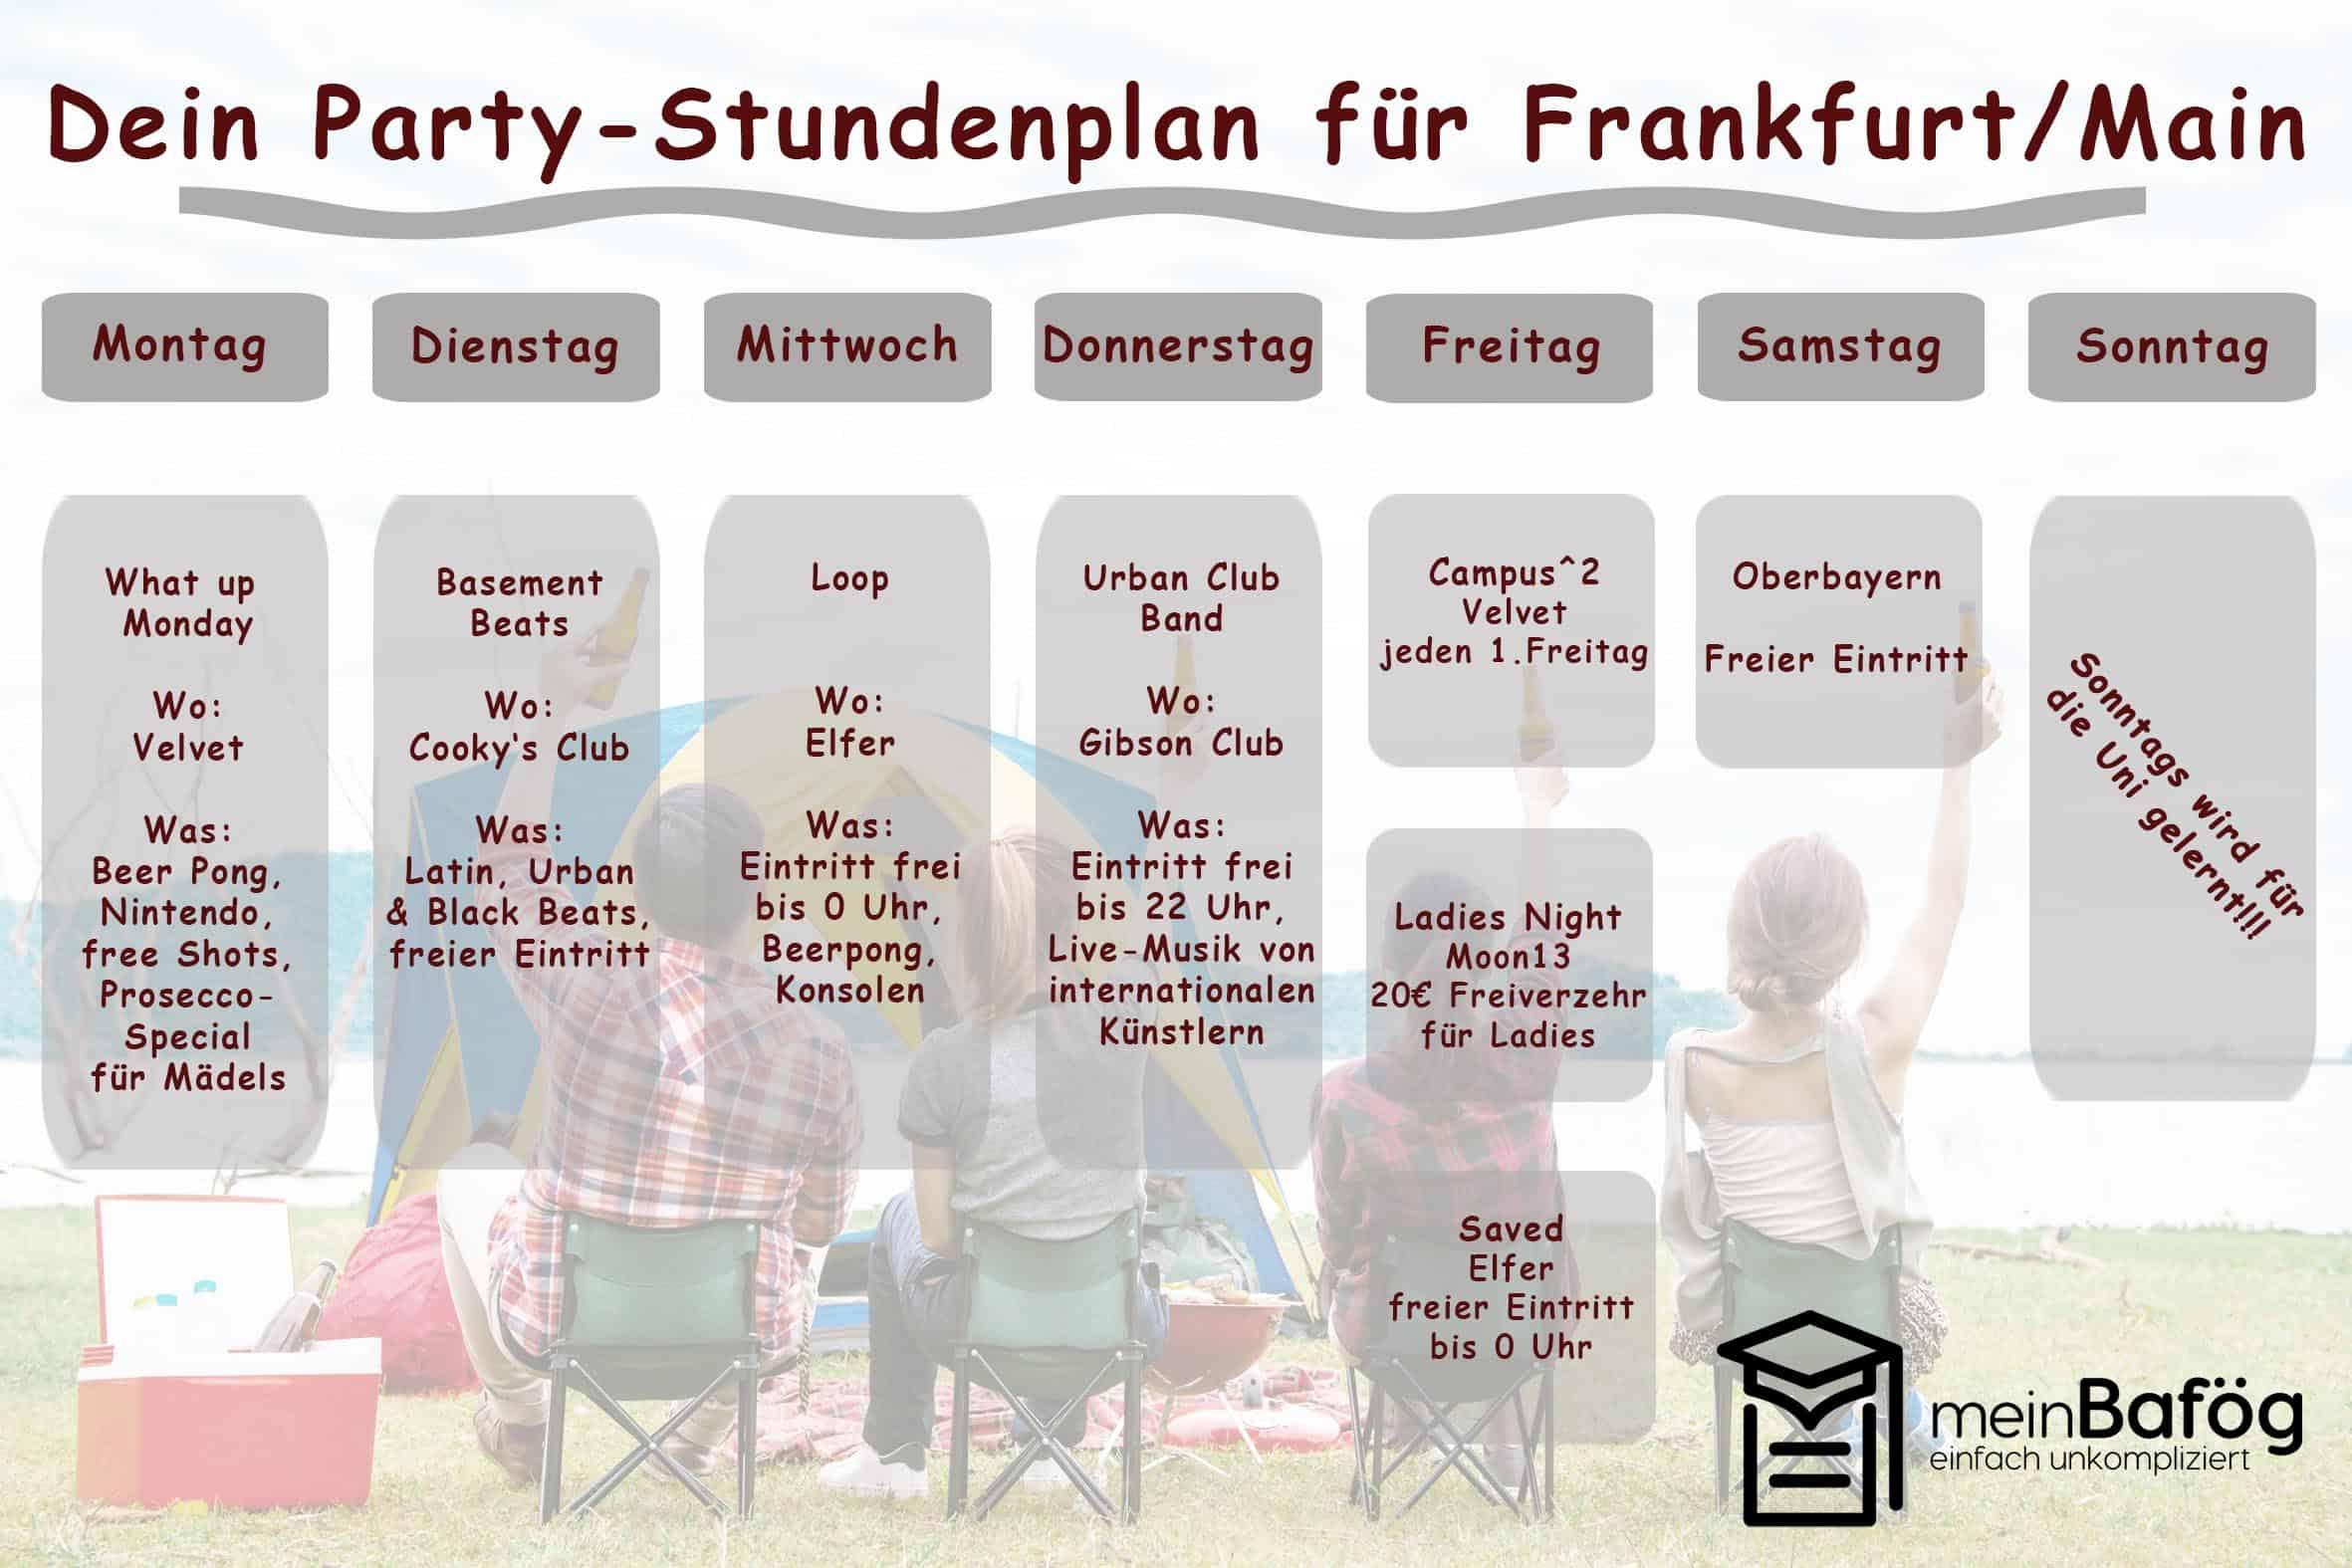 der frankfurter party stundenplan meinbaf g. Black Bedroom Furniture Sets. Home Design Ideas